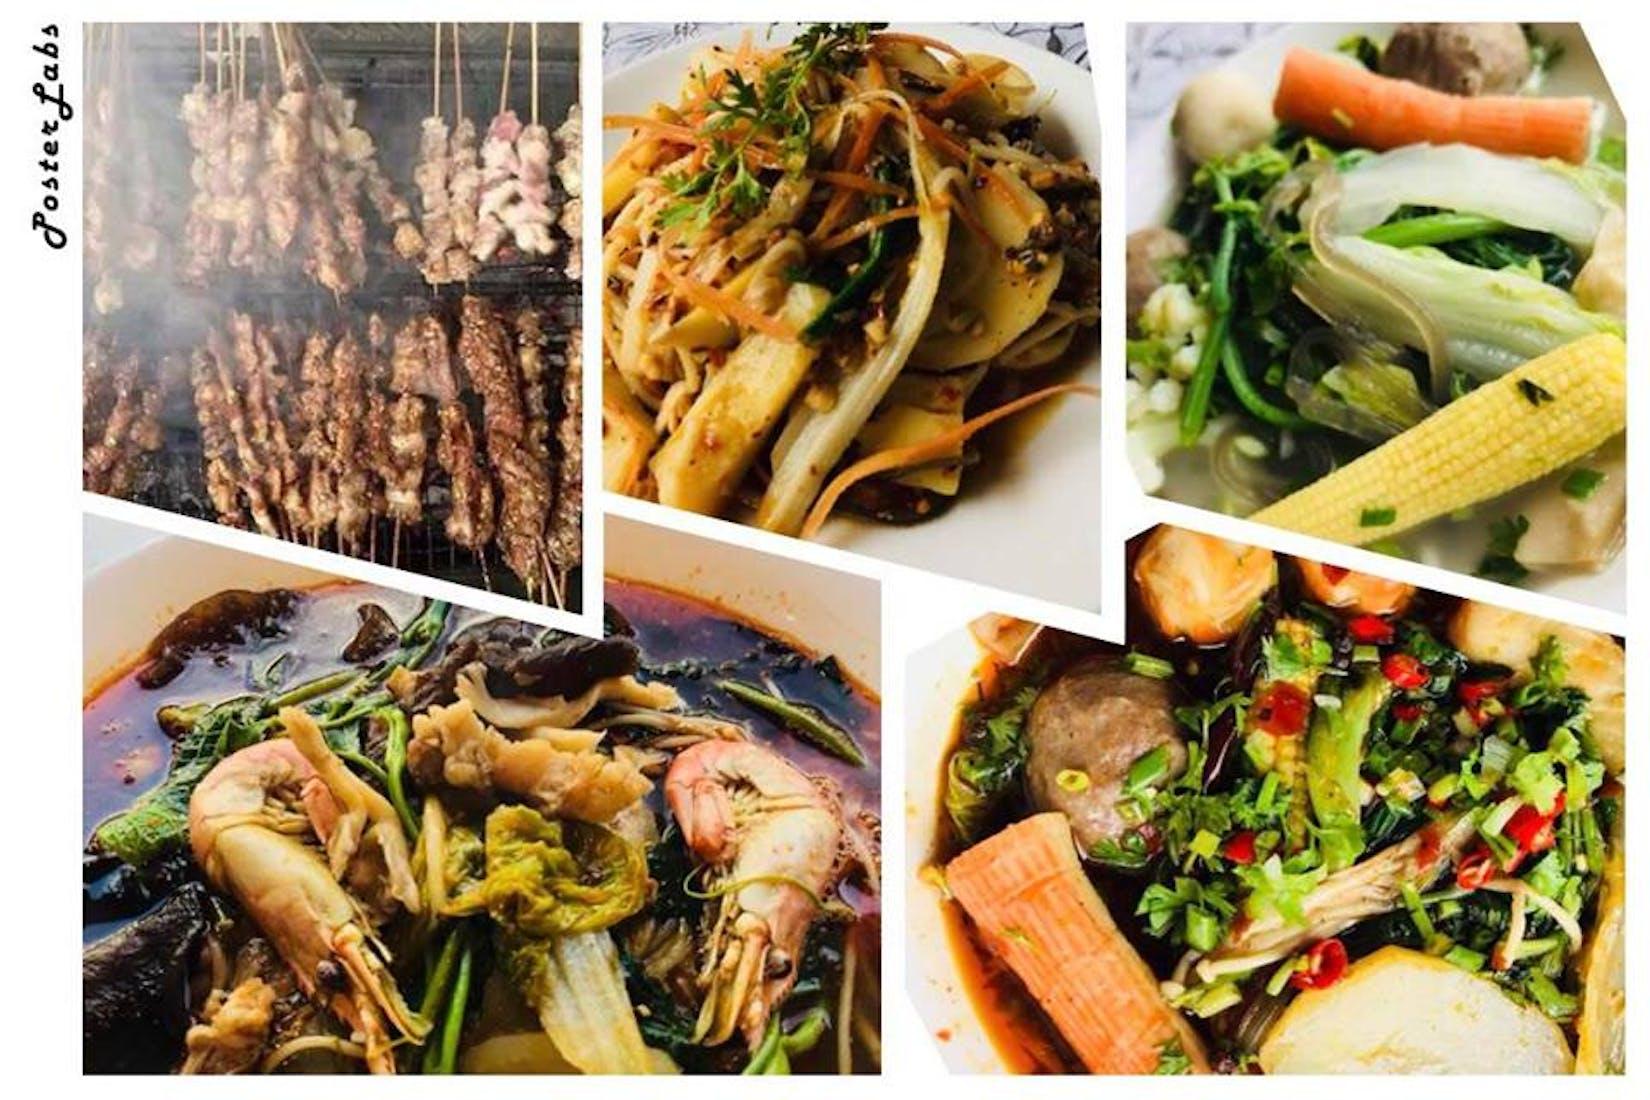 Xiang xiang kitchen | yathar